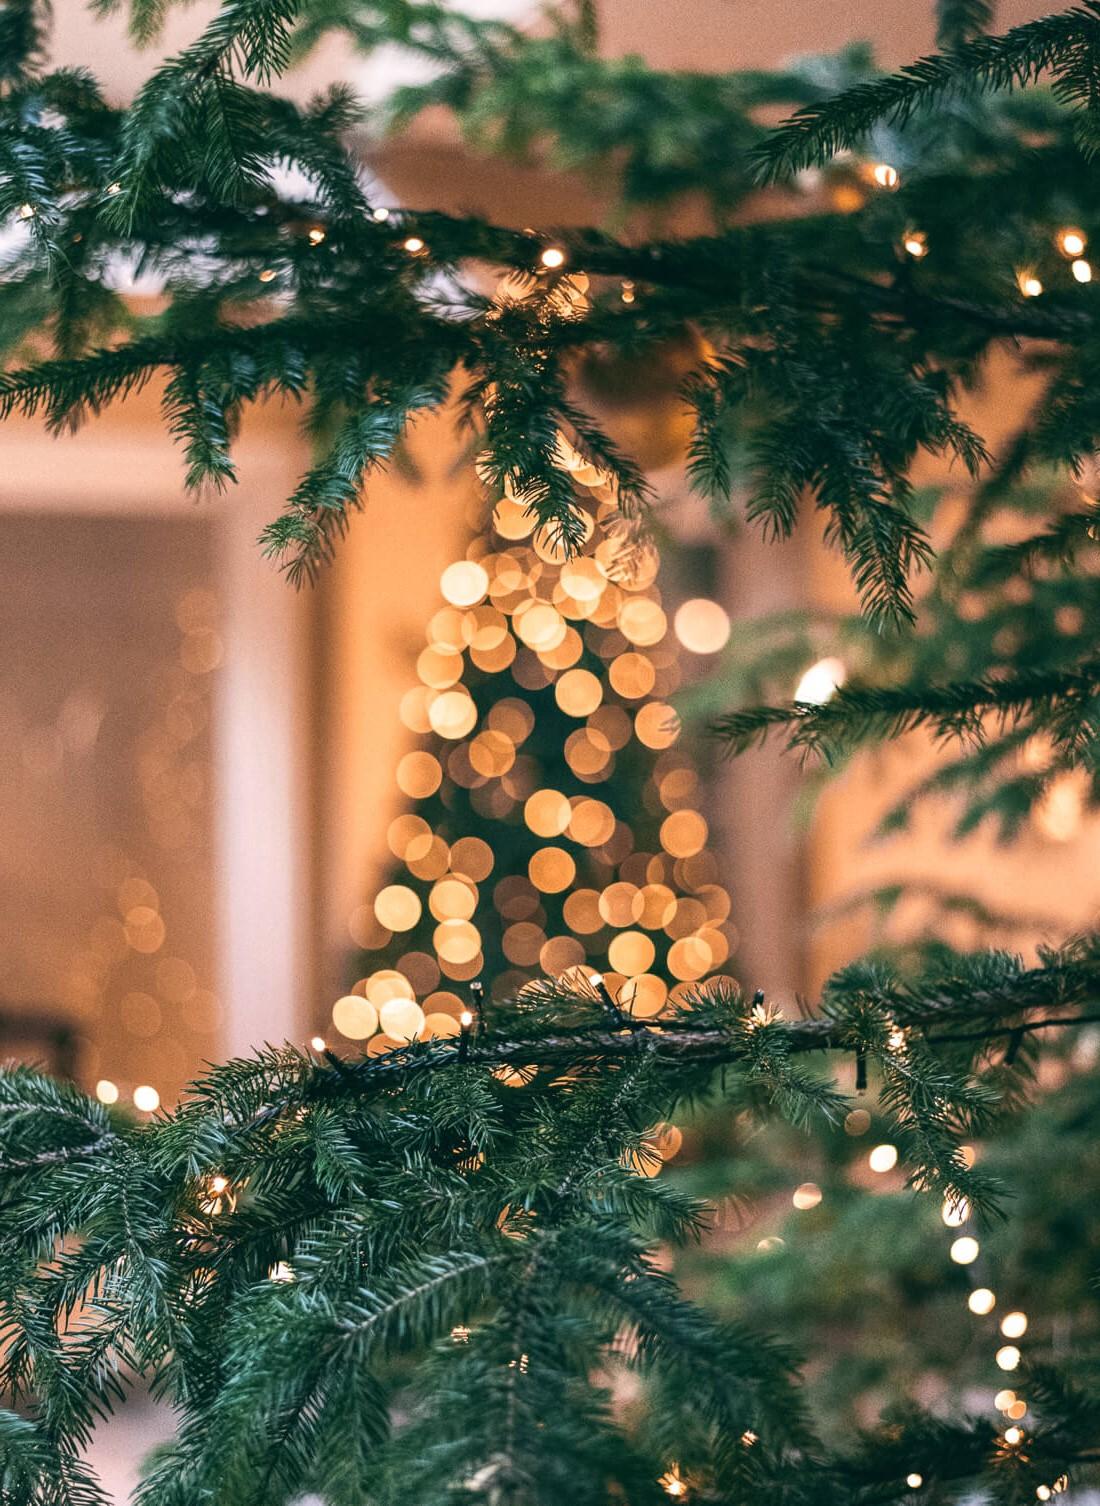 Zéro gaspillage de Noël: il est temps que vous commenciez à apporter des changements significatifs.